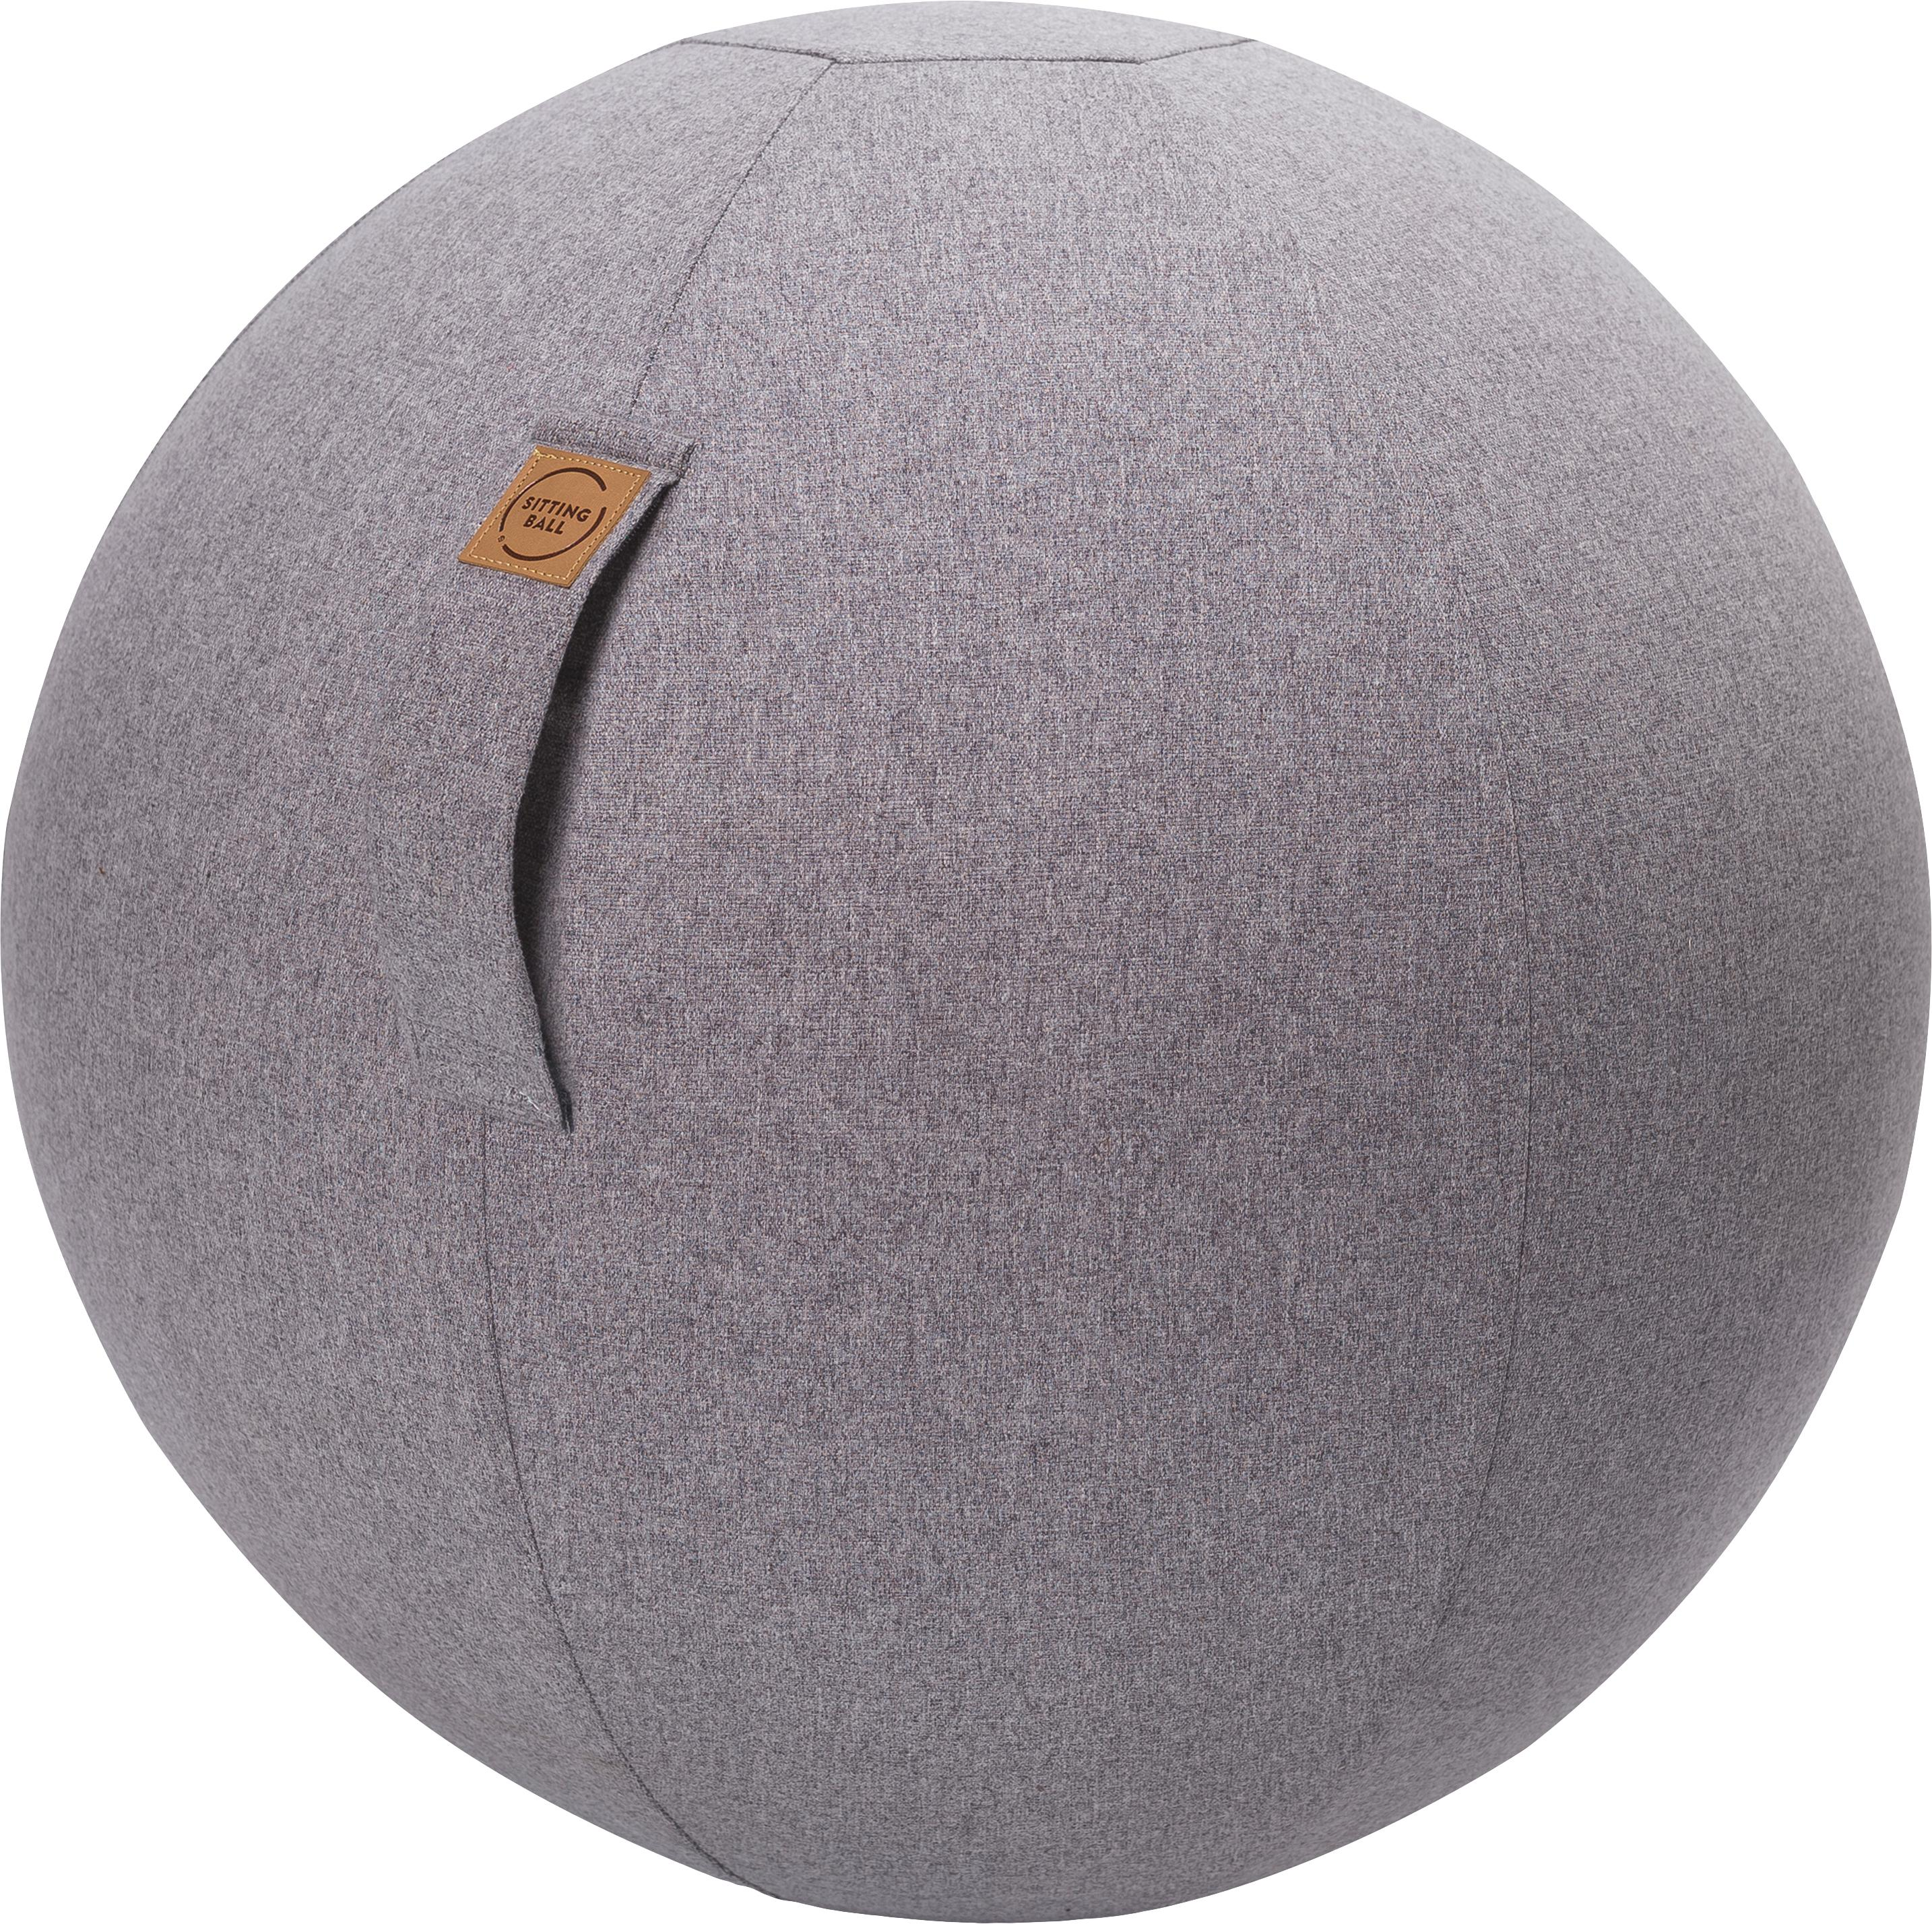 Balón suizo Felt, Funda: poliéster (imitación fiel, Gris claro, Ø 65 cm